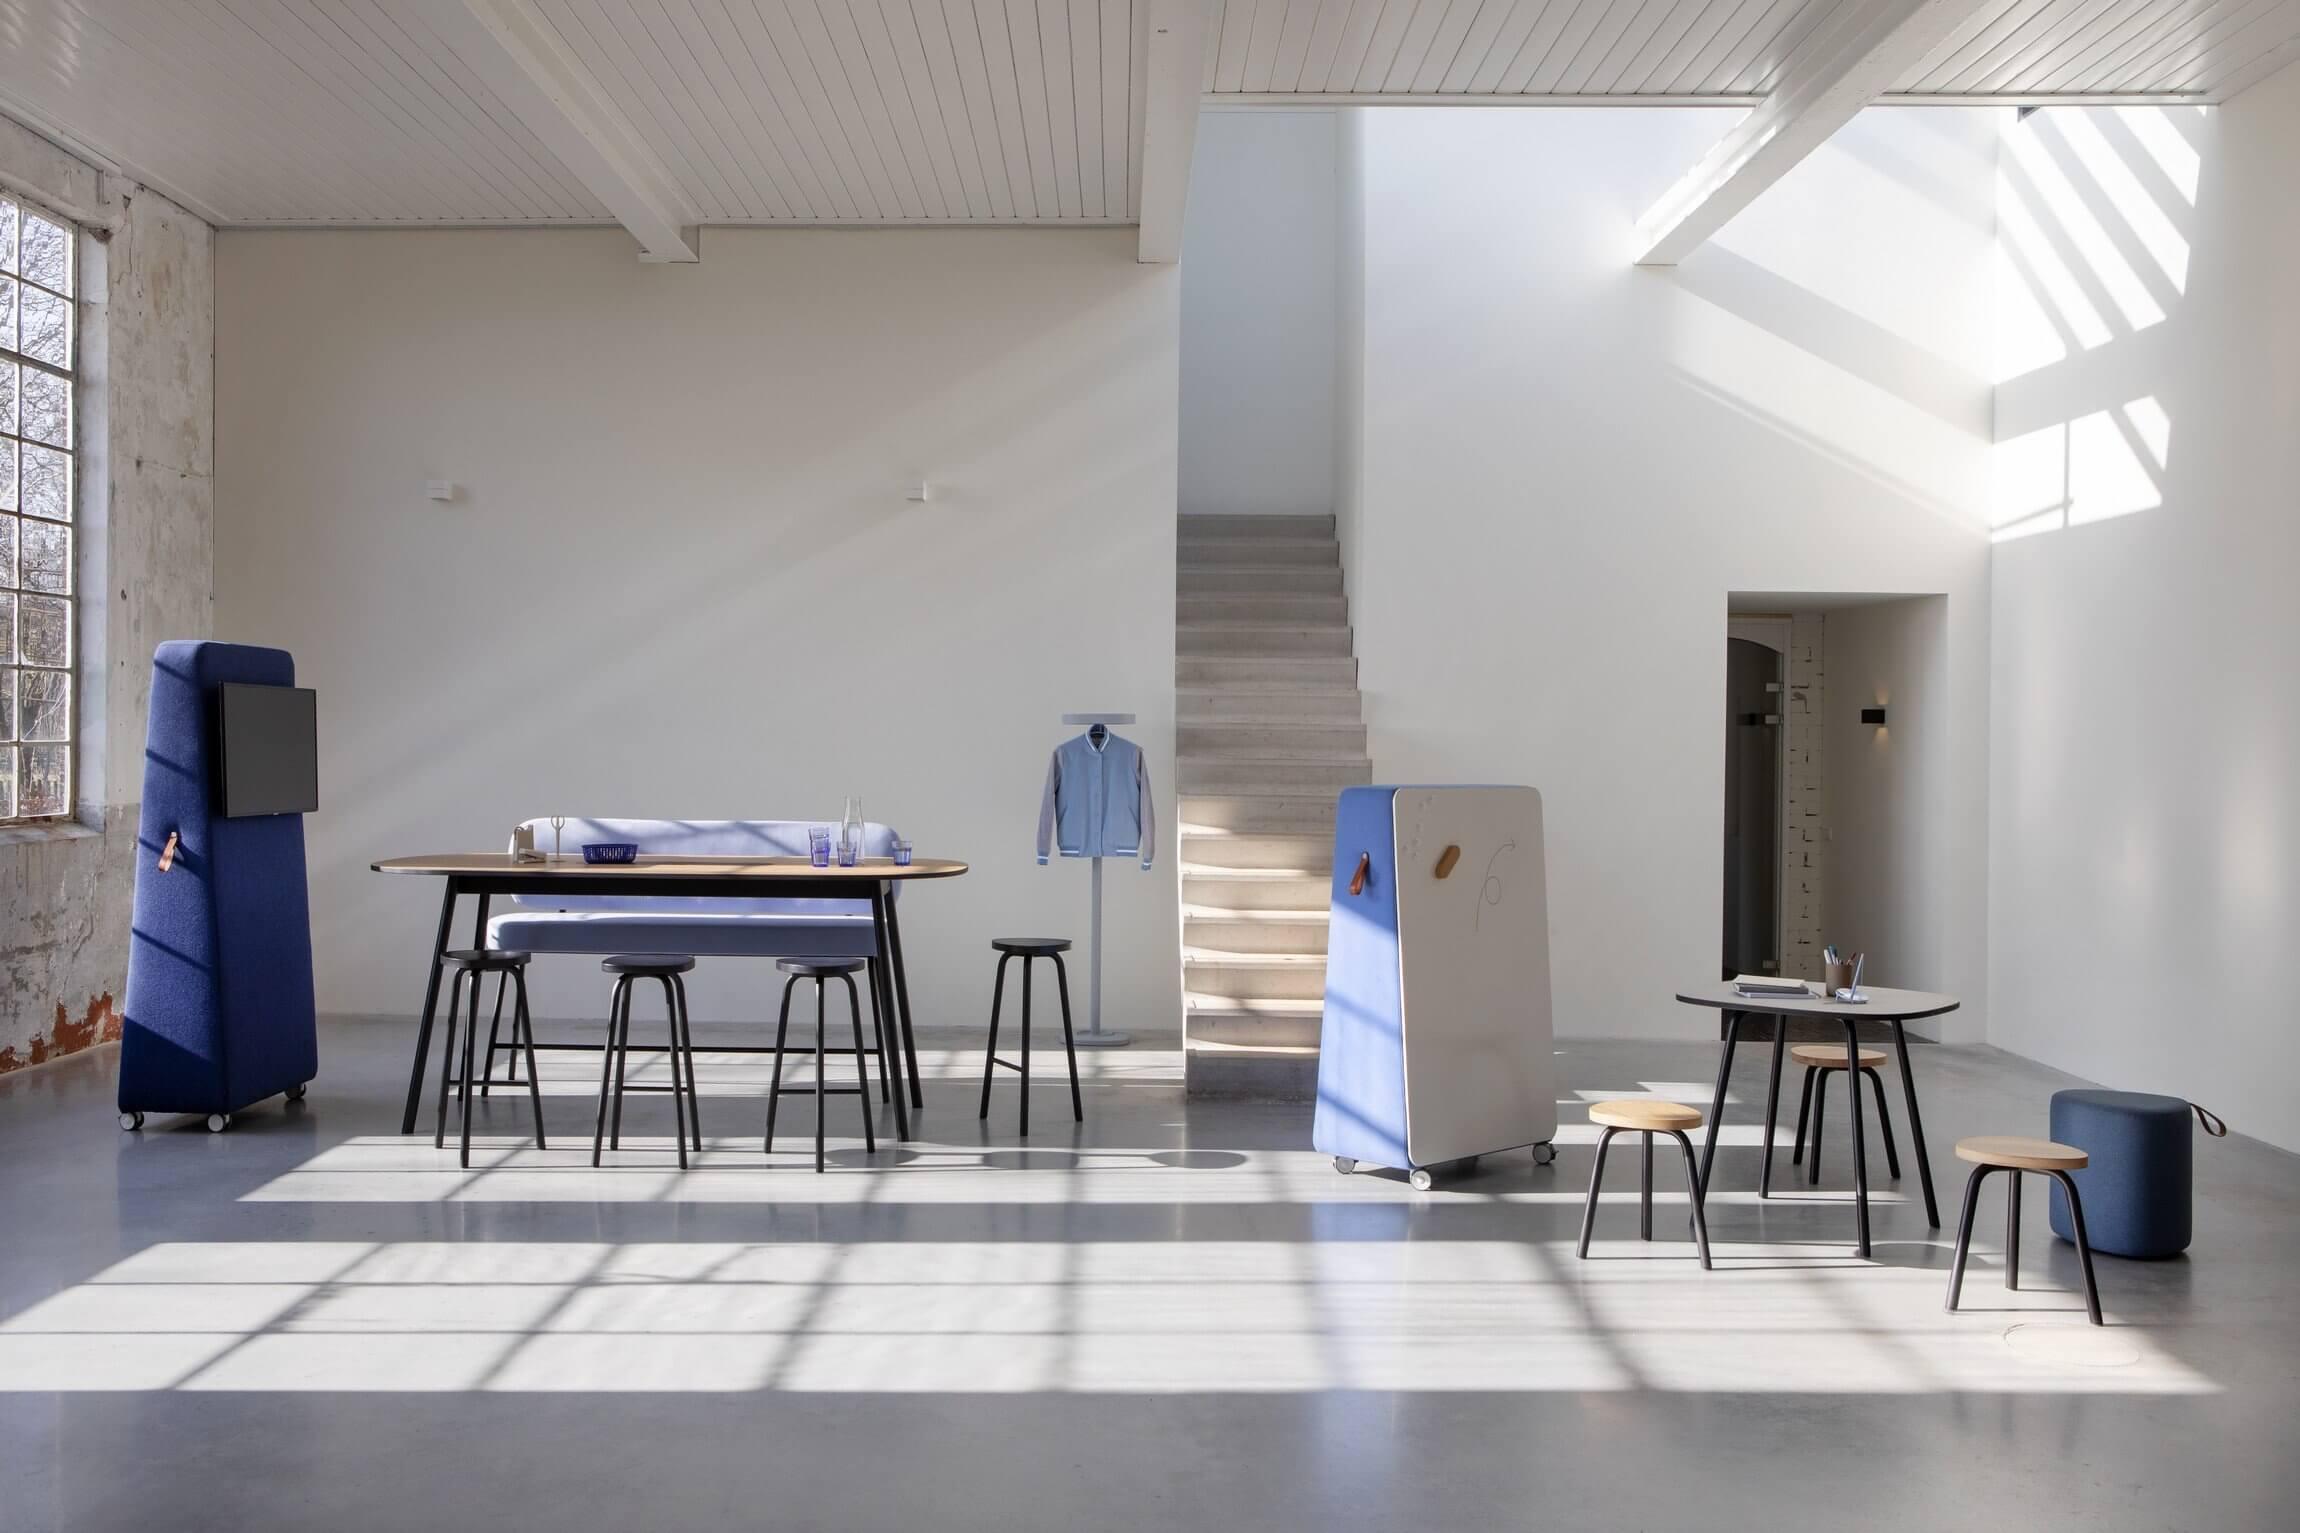 PULLY est une table de réunion ovale design pour les espaces de coworking.